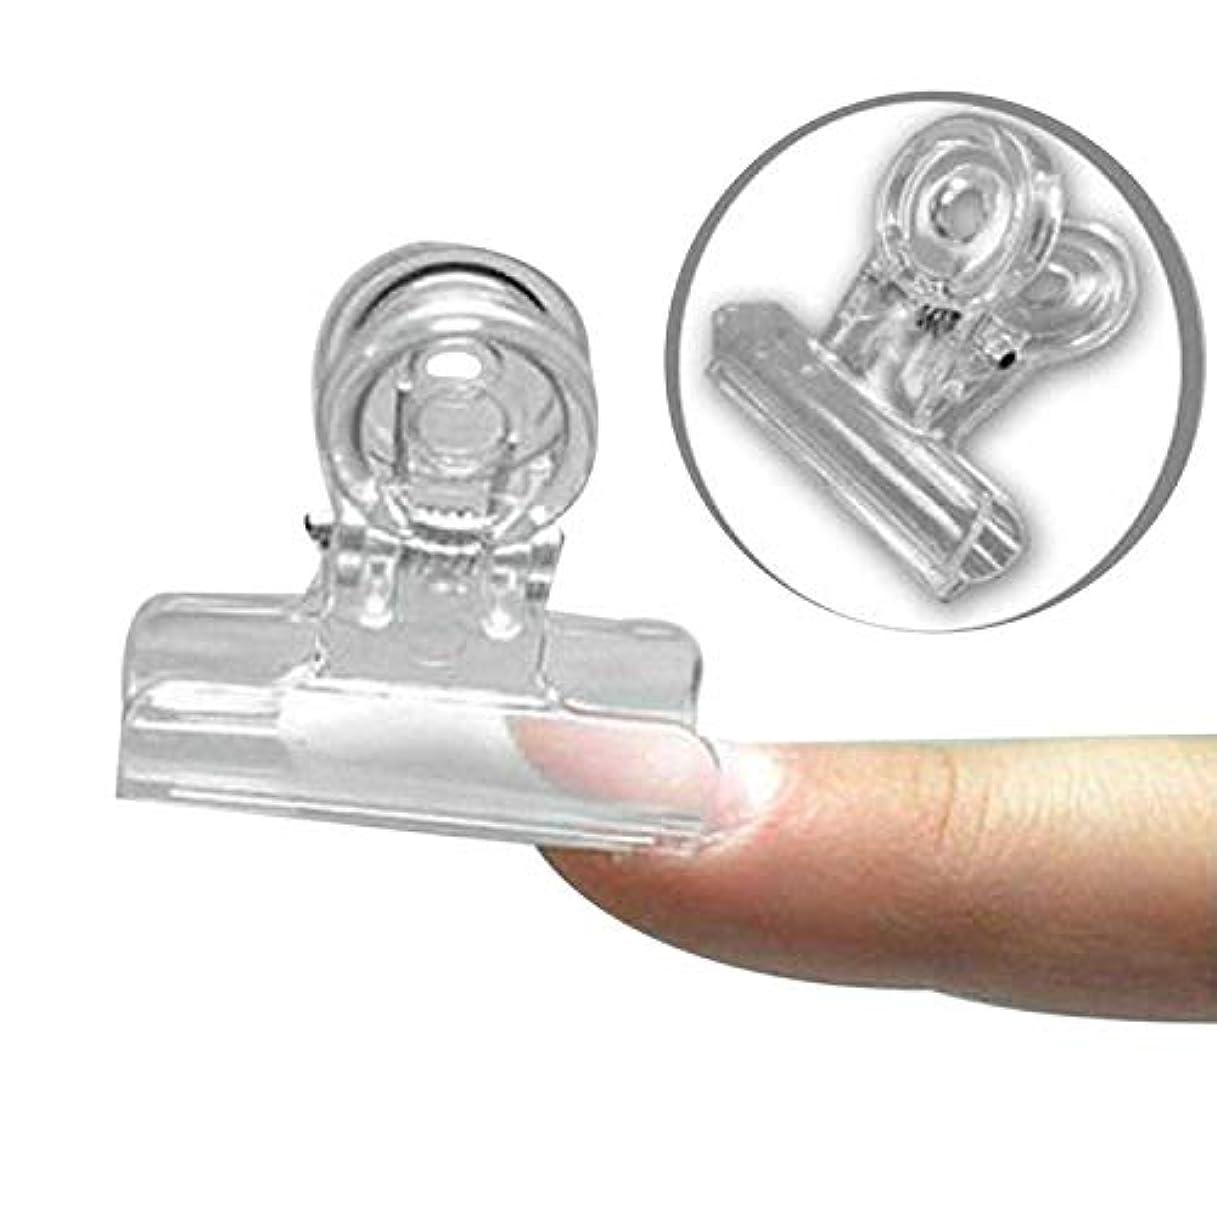 ランドリーオーガニック全員TOOGOO カーブネイルピンチクリップツール多機能プラスチック爪 ランダムカラー(トランスペアレント)